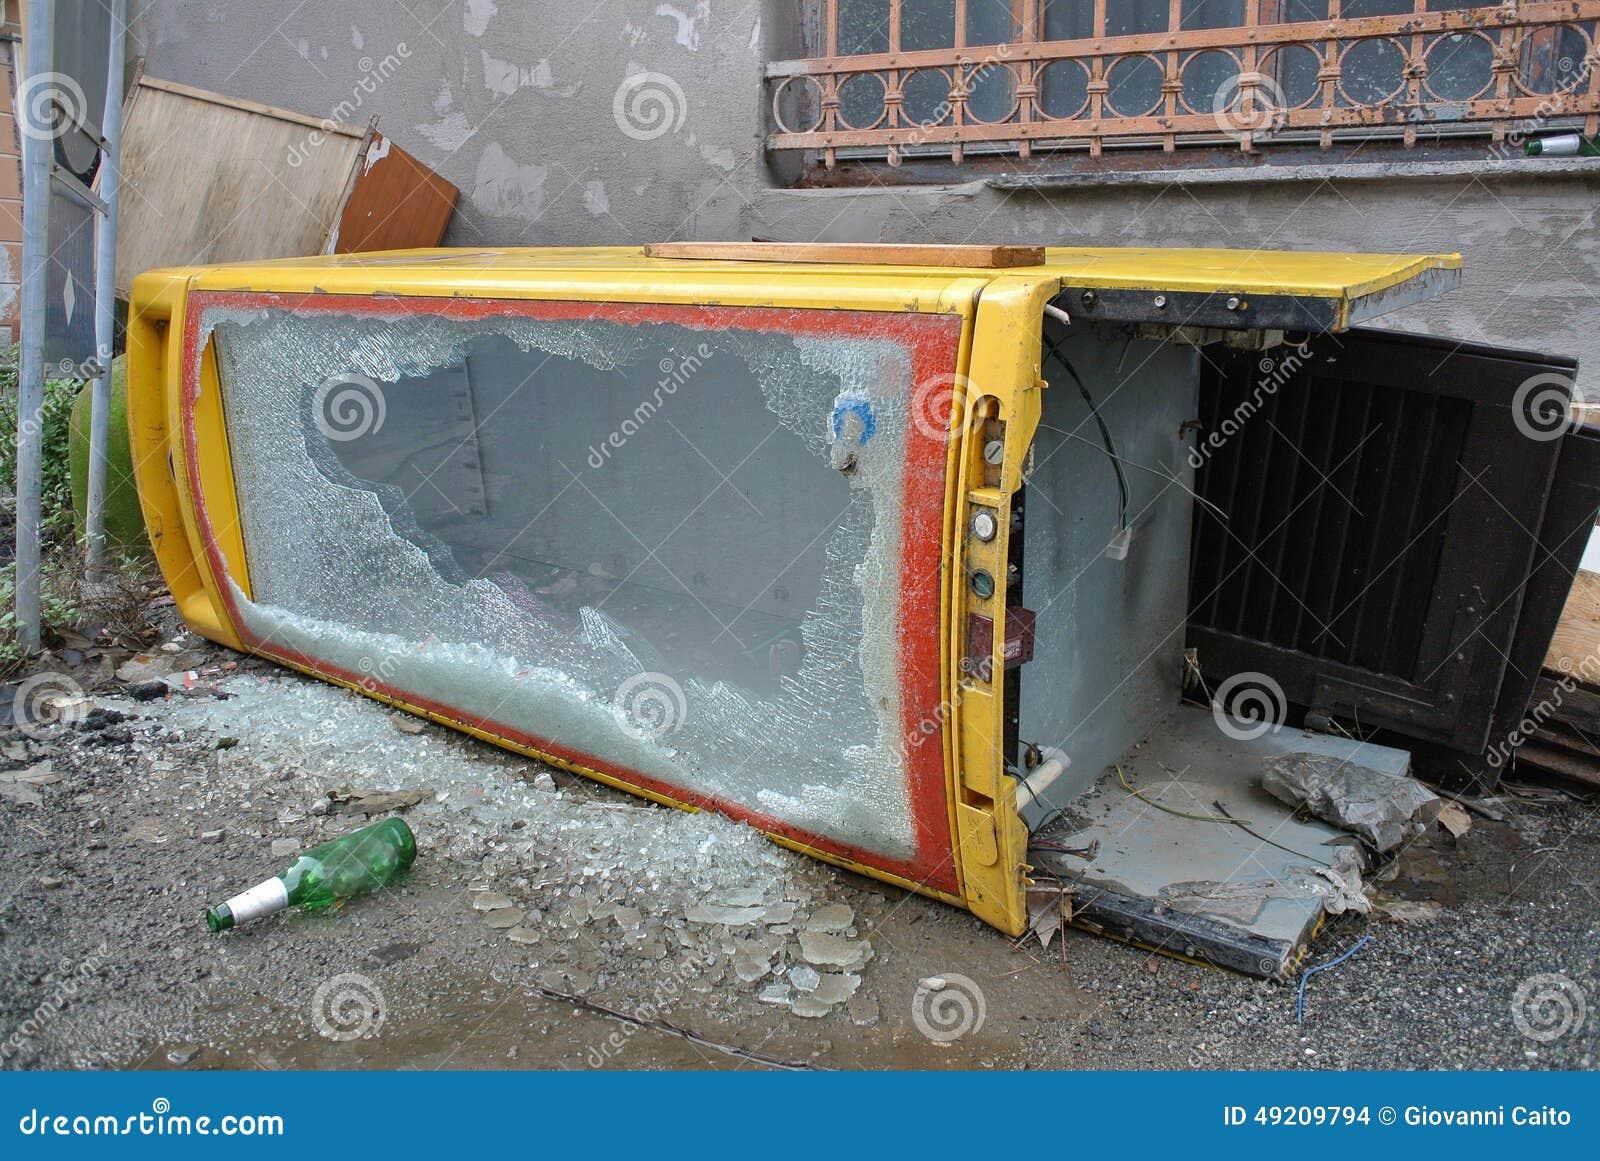 Bulky waste stock photo image 49209794 - Rd wastebasket ...